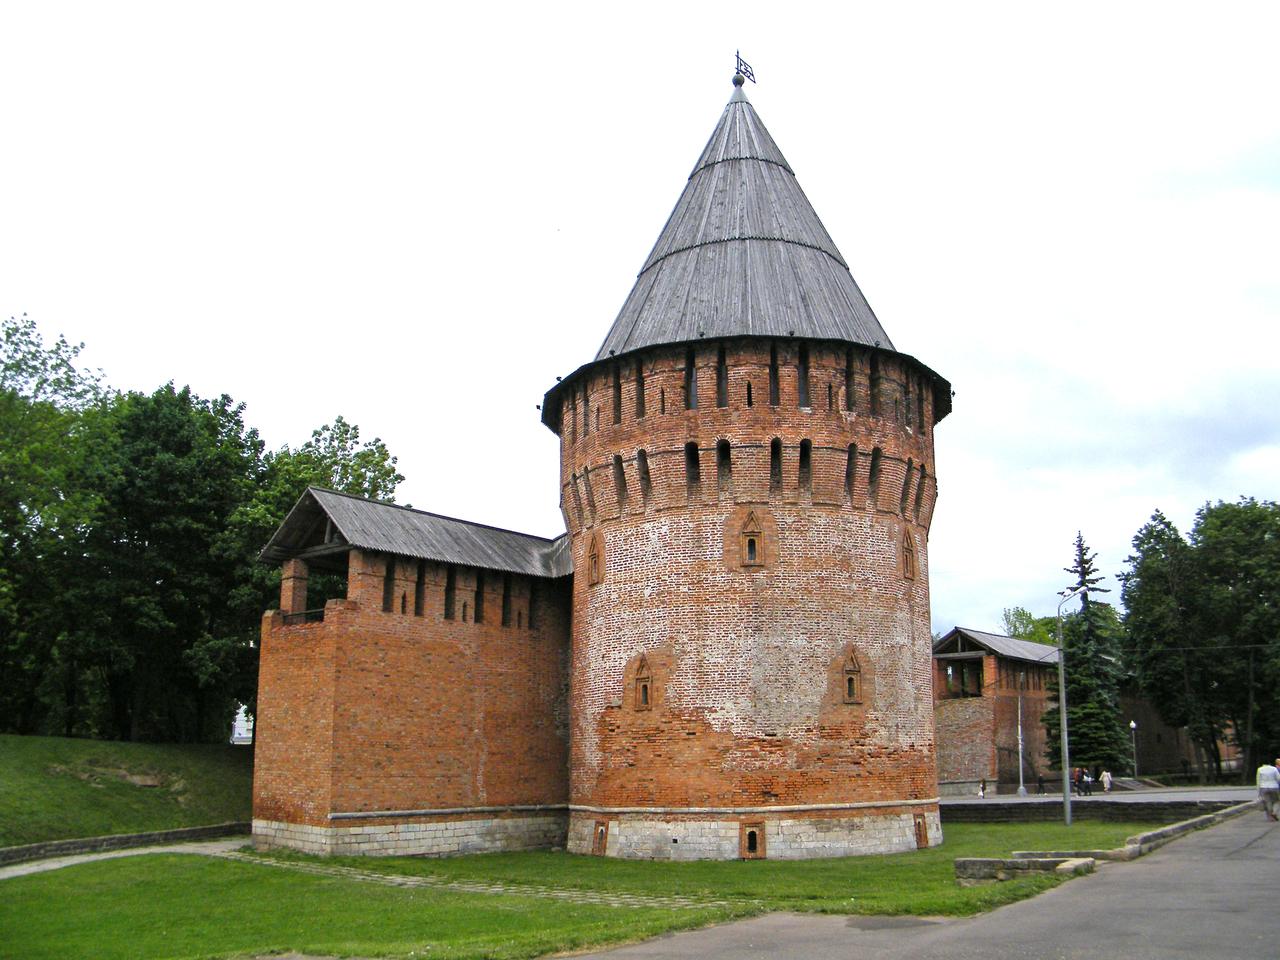 фото Громовой башни крепости в Смоленске